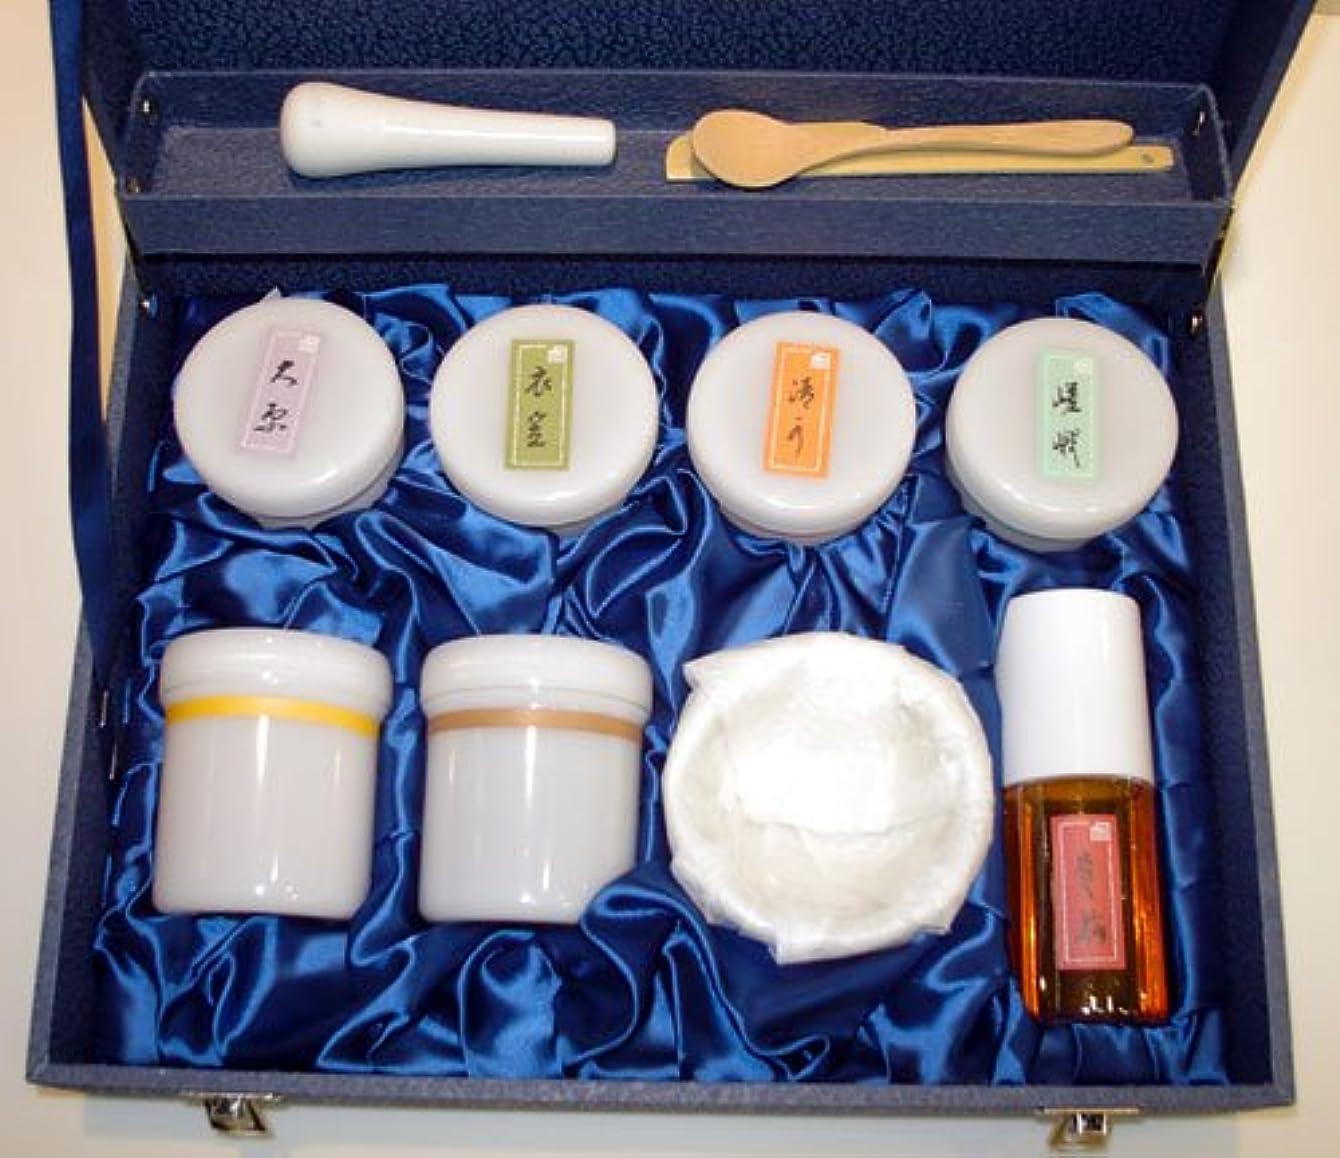 グリット人類ディーラー自分だけの香り作りキット 「梅こよみ」 練香手作りセット